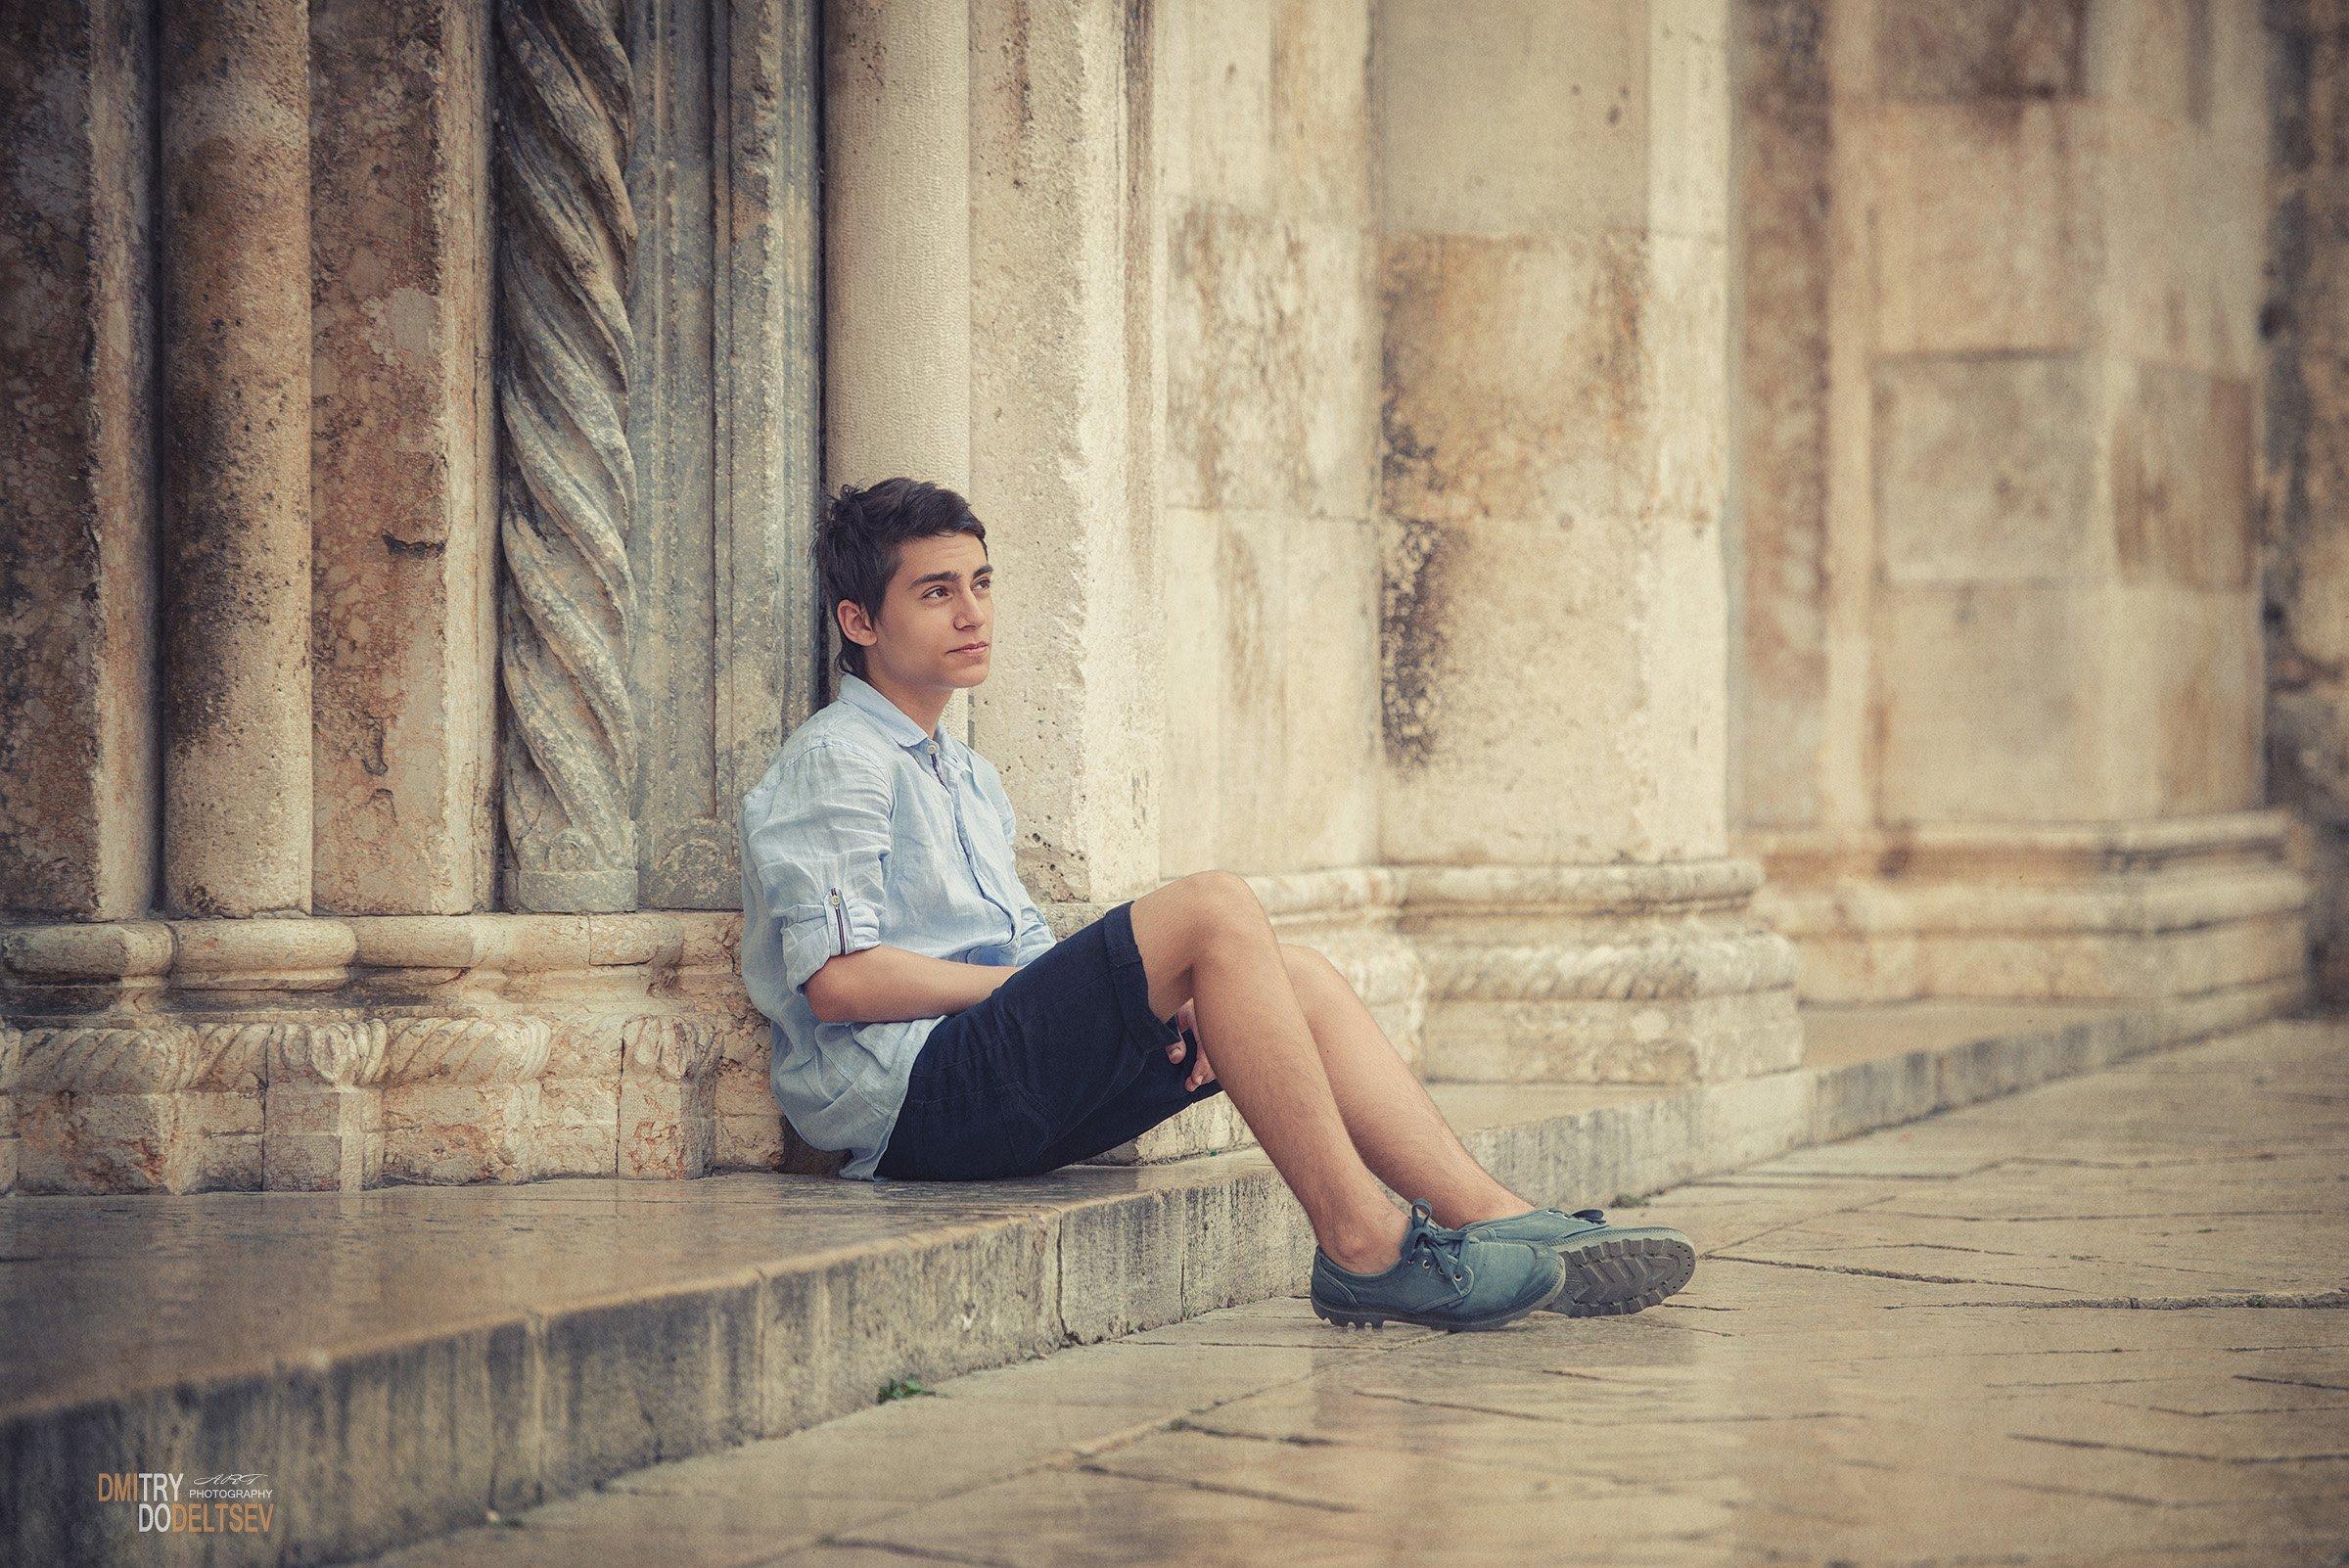 испания, перень, портрет, лето, мальчик, камни, стены, один, задумчивость, размышления, старый город, старые стены, одиночество, отдых, Дмитрий Додельцев